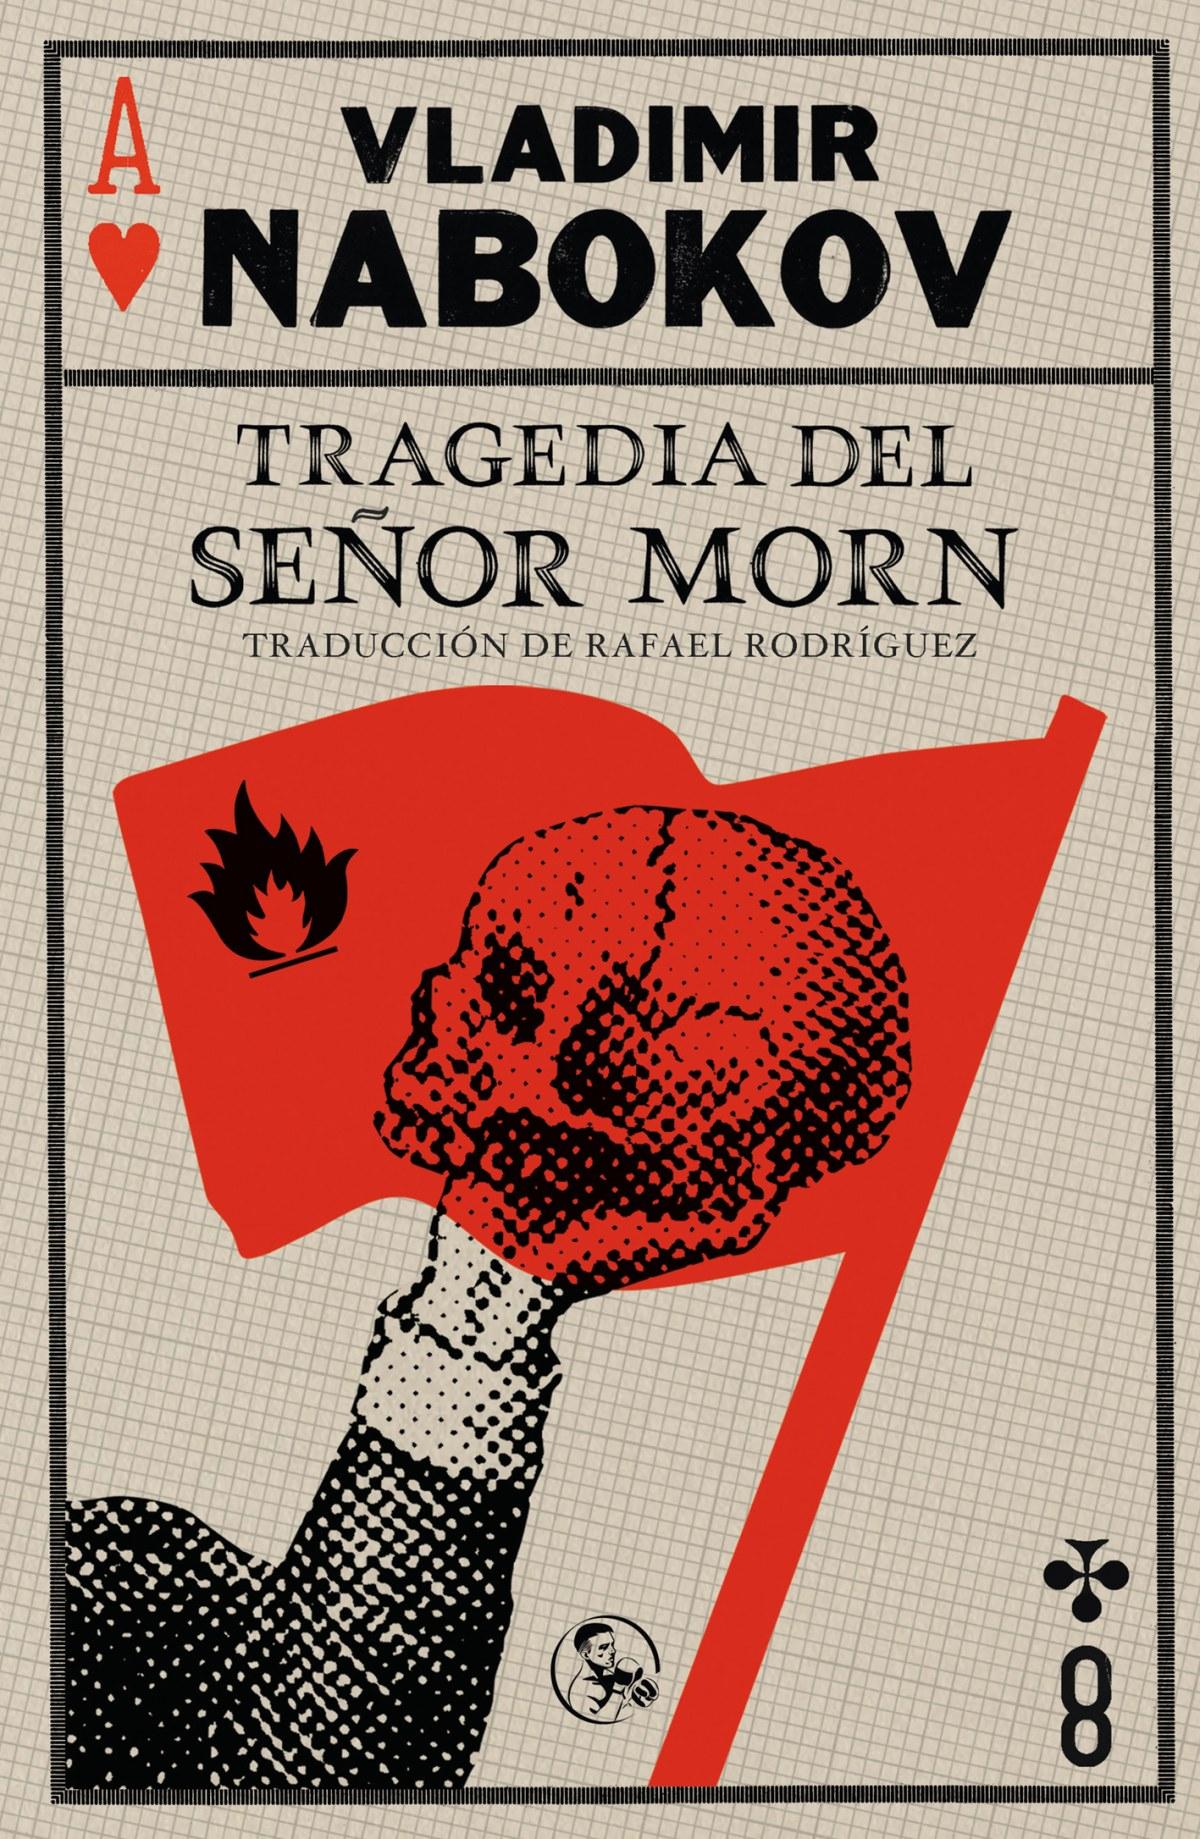 Tragedia del señor Morn